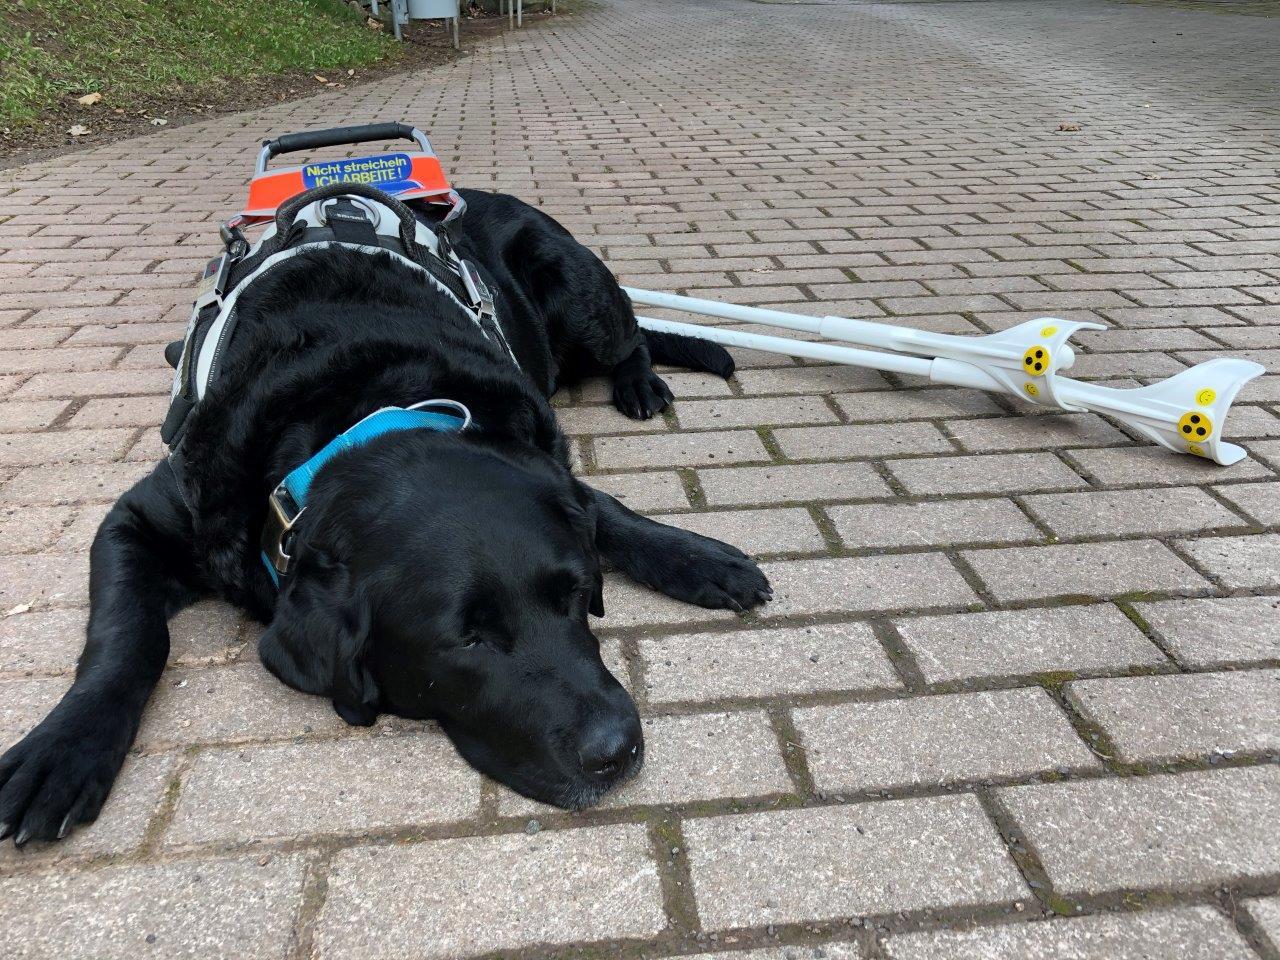 Auf einem gepflasterten Weg liegt der Blindenführhund von Heike, welcher eingeschirrt ist. Hinter dem Hund sind zwei Unterarmgehstützen am Boden abgelegt.